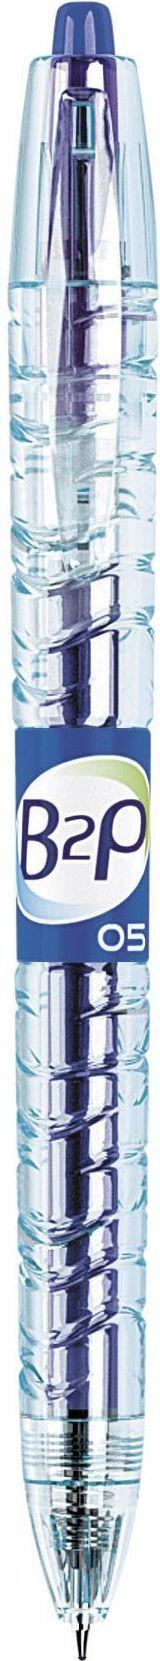 Pilot Długopis żelowy B2P czarny (WP1731) 1